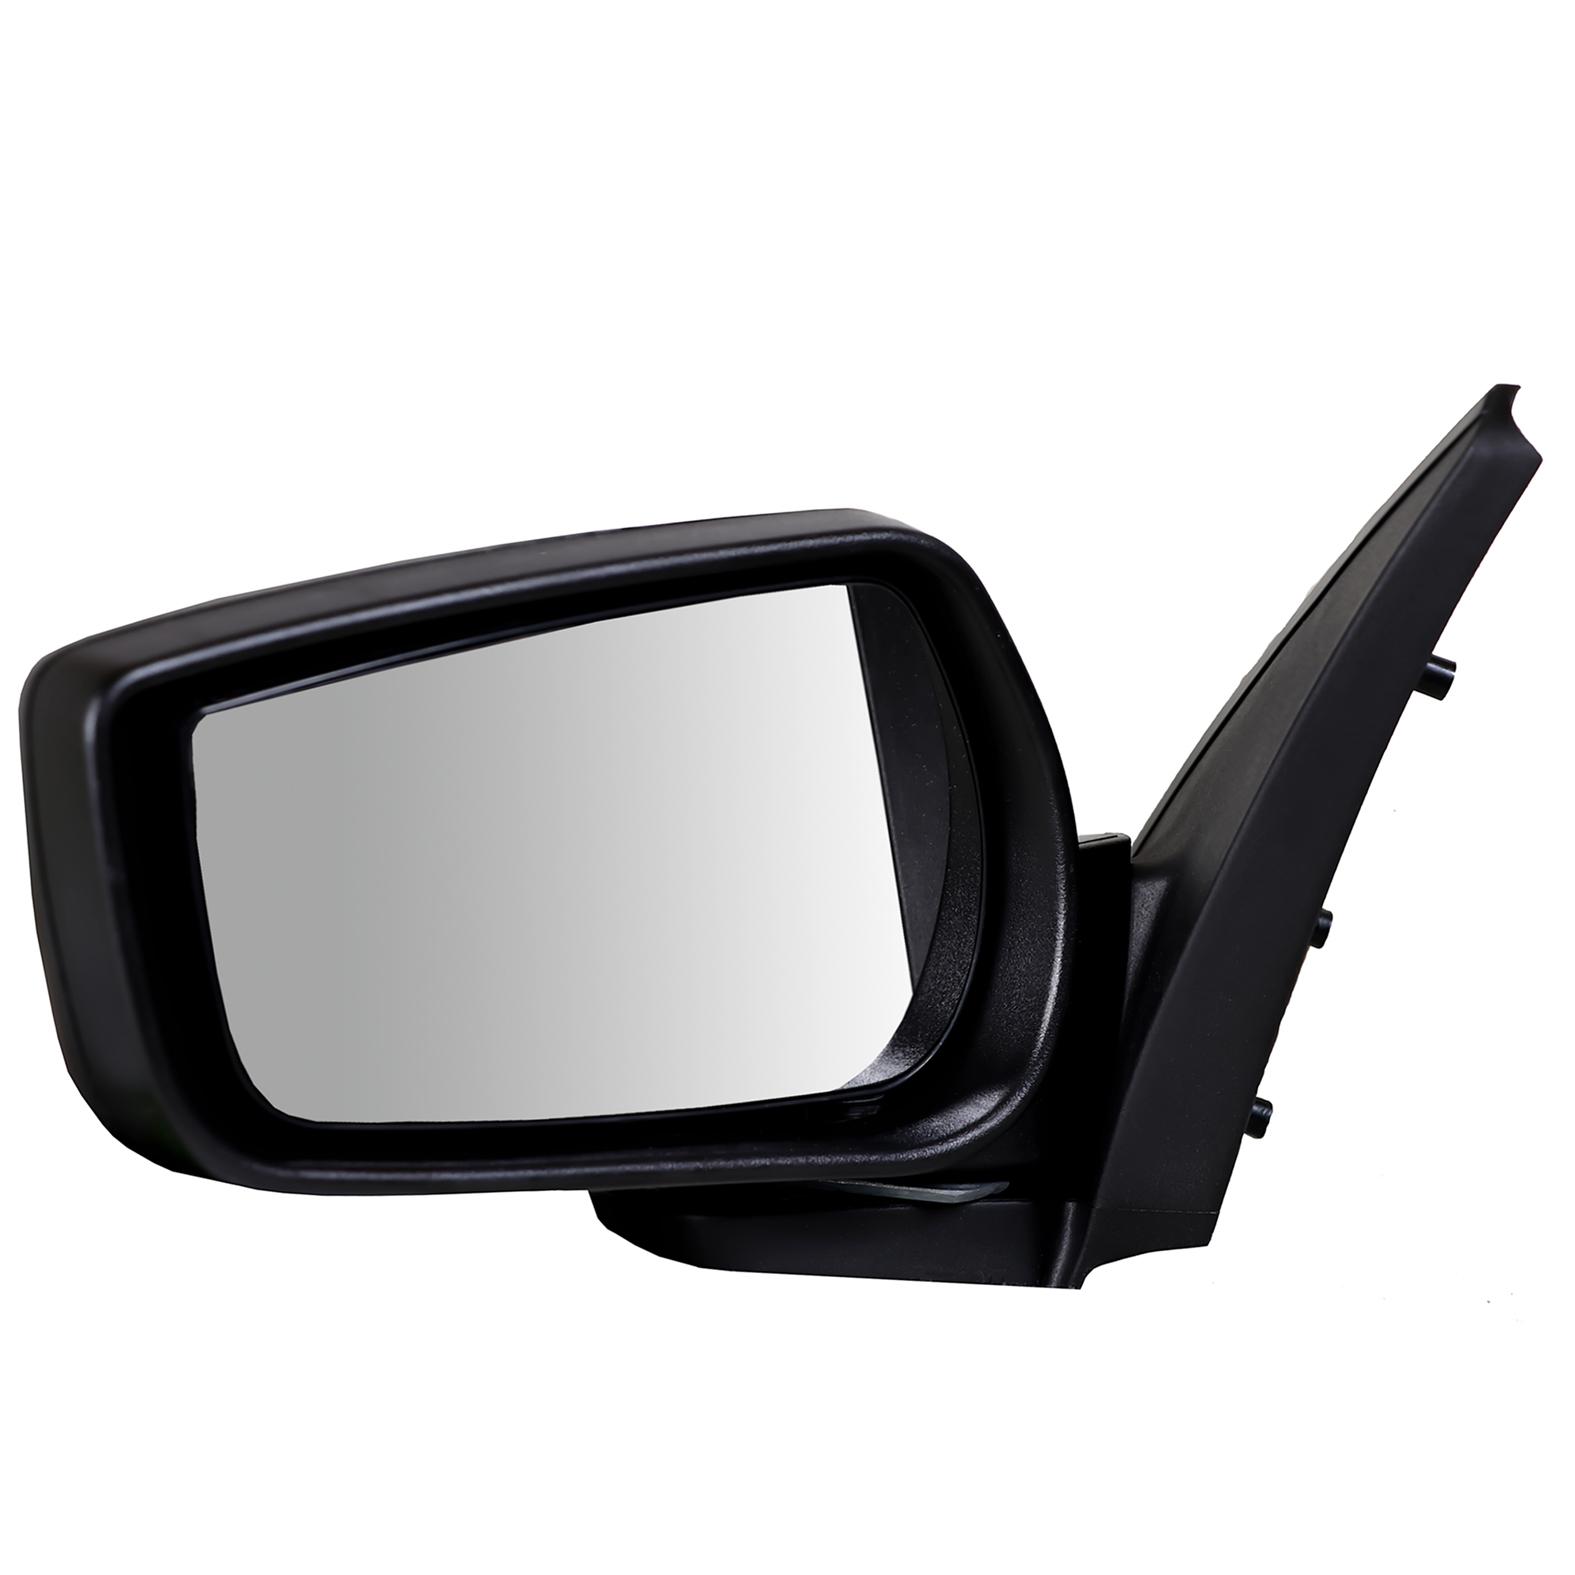 آینه جانبی چپ کد 5 مناسب برای پژو 405